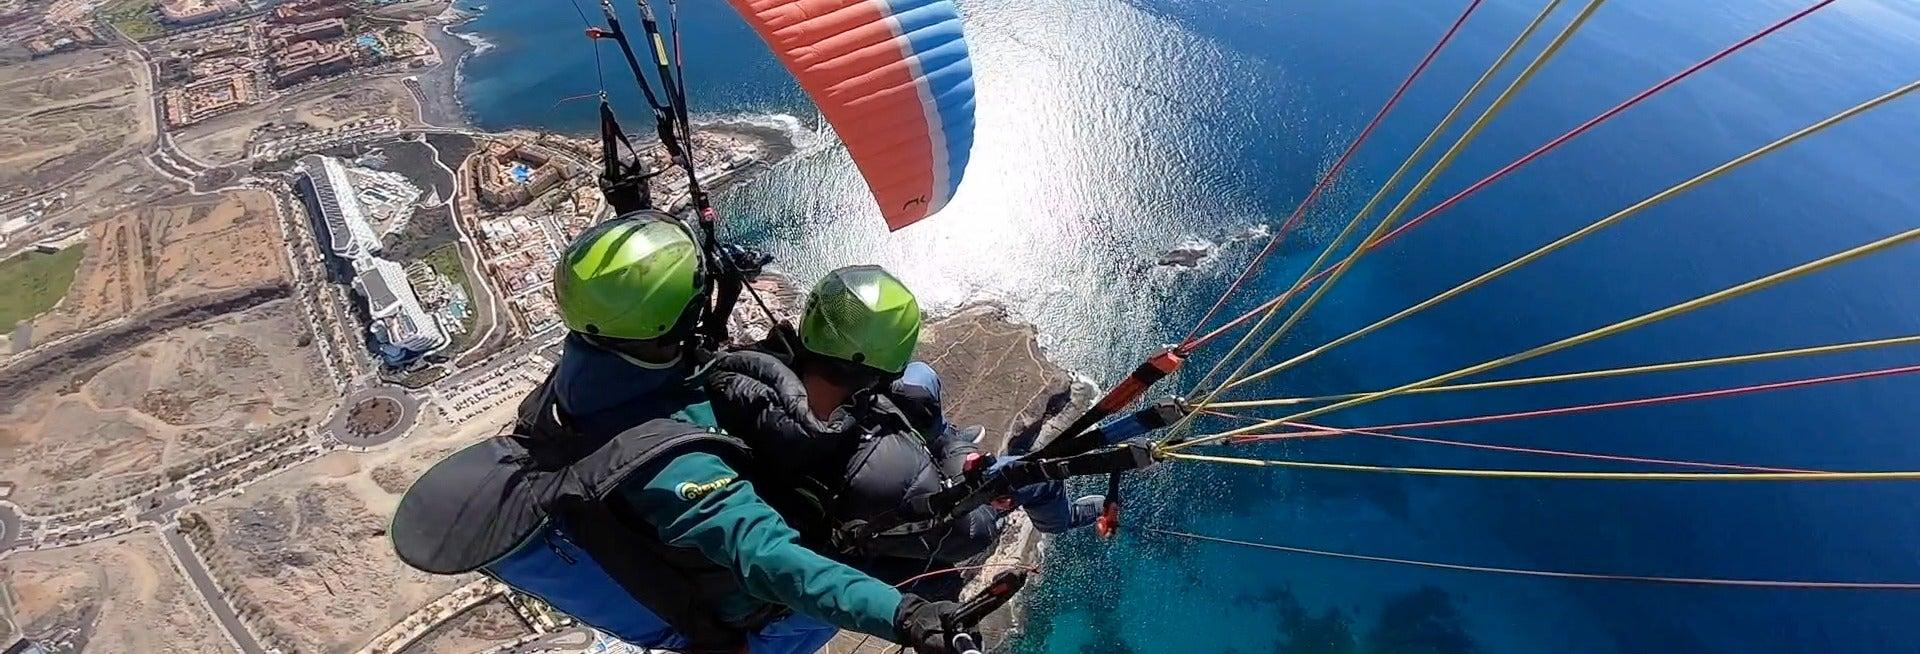 Voo de parapente pelo sul de Tenerife